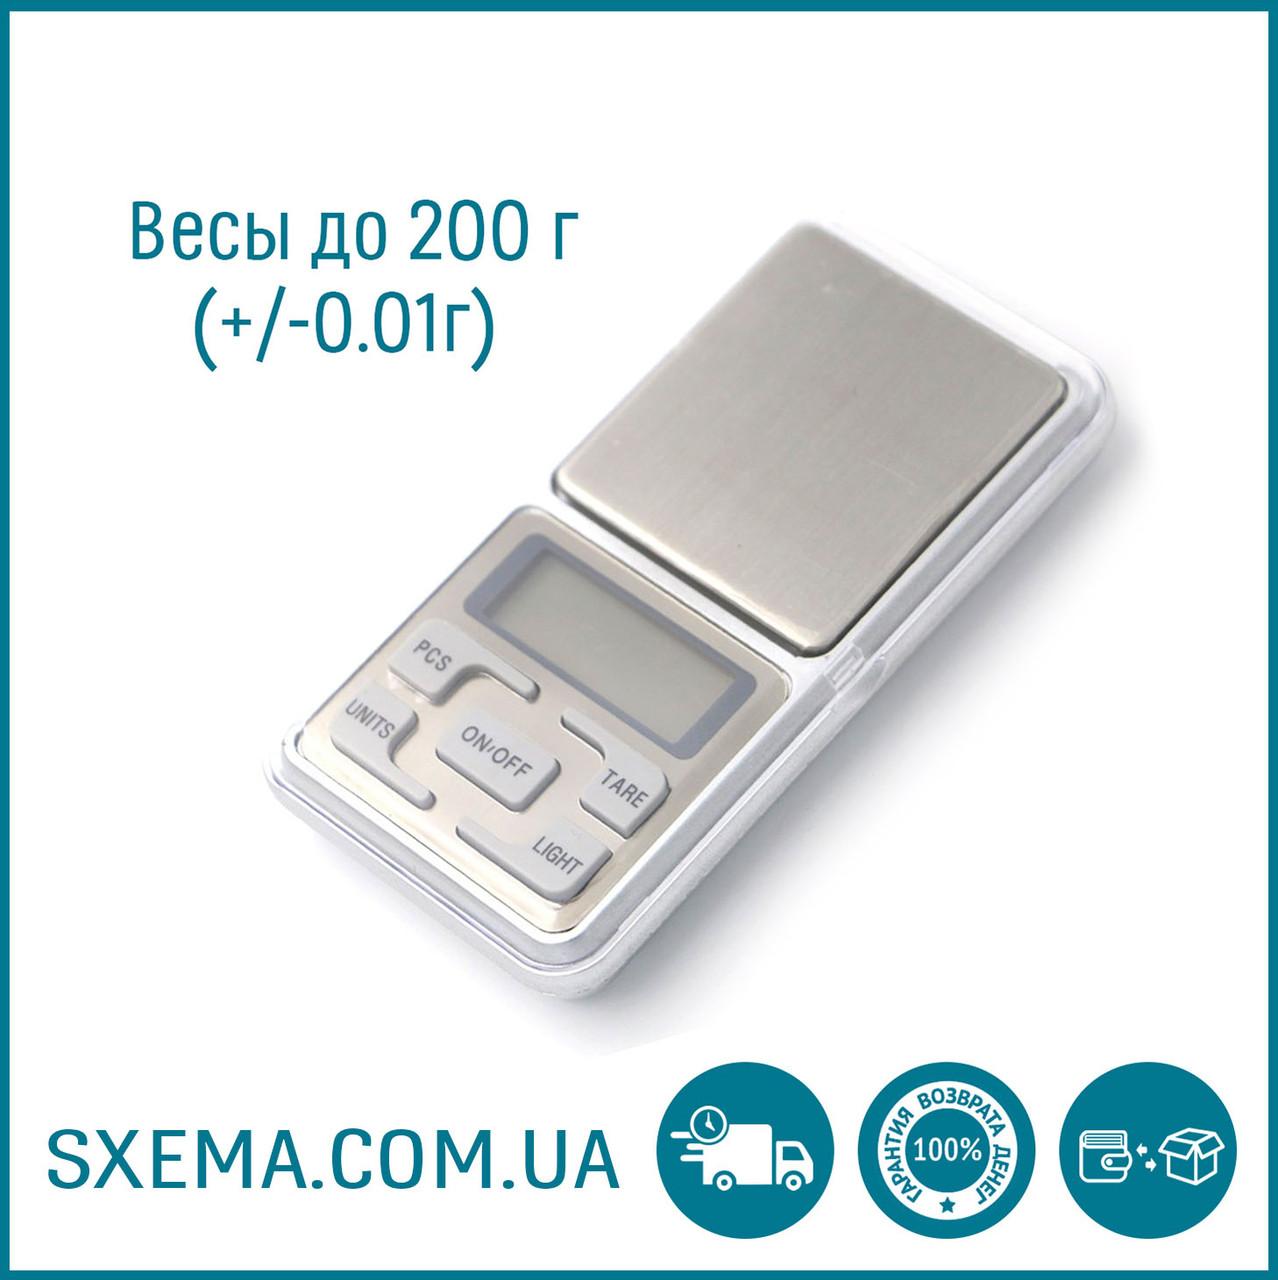 Весы ювелирные высокоточные 0.01г до 100г с подсветкой, карманные